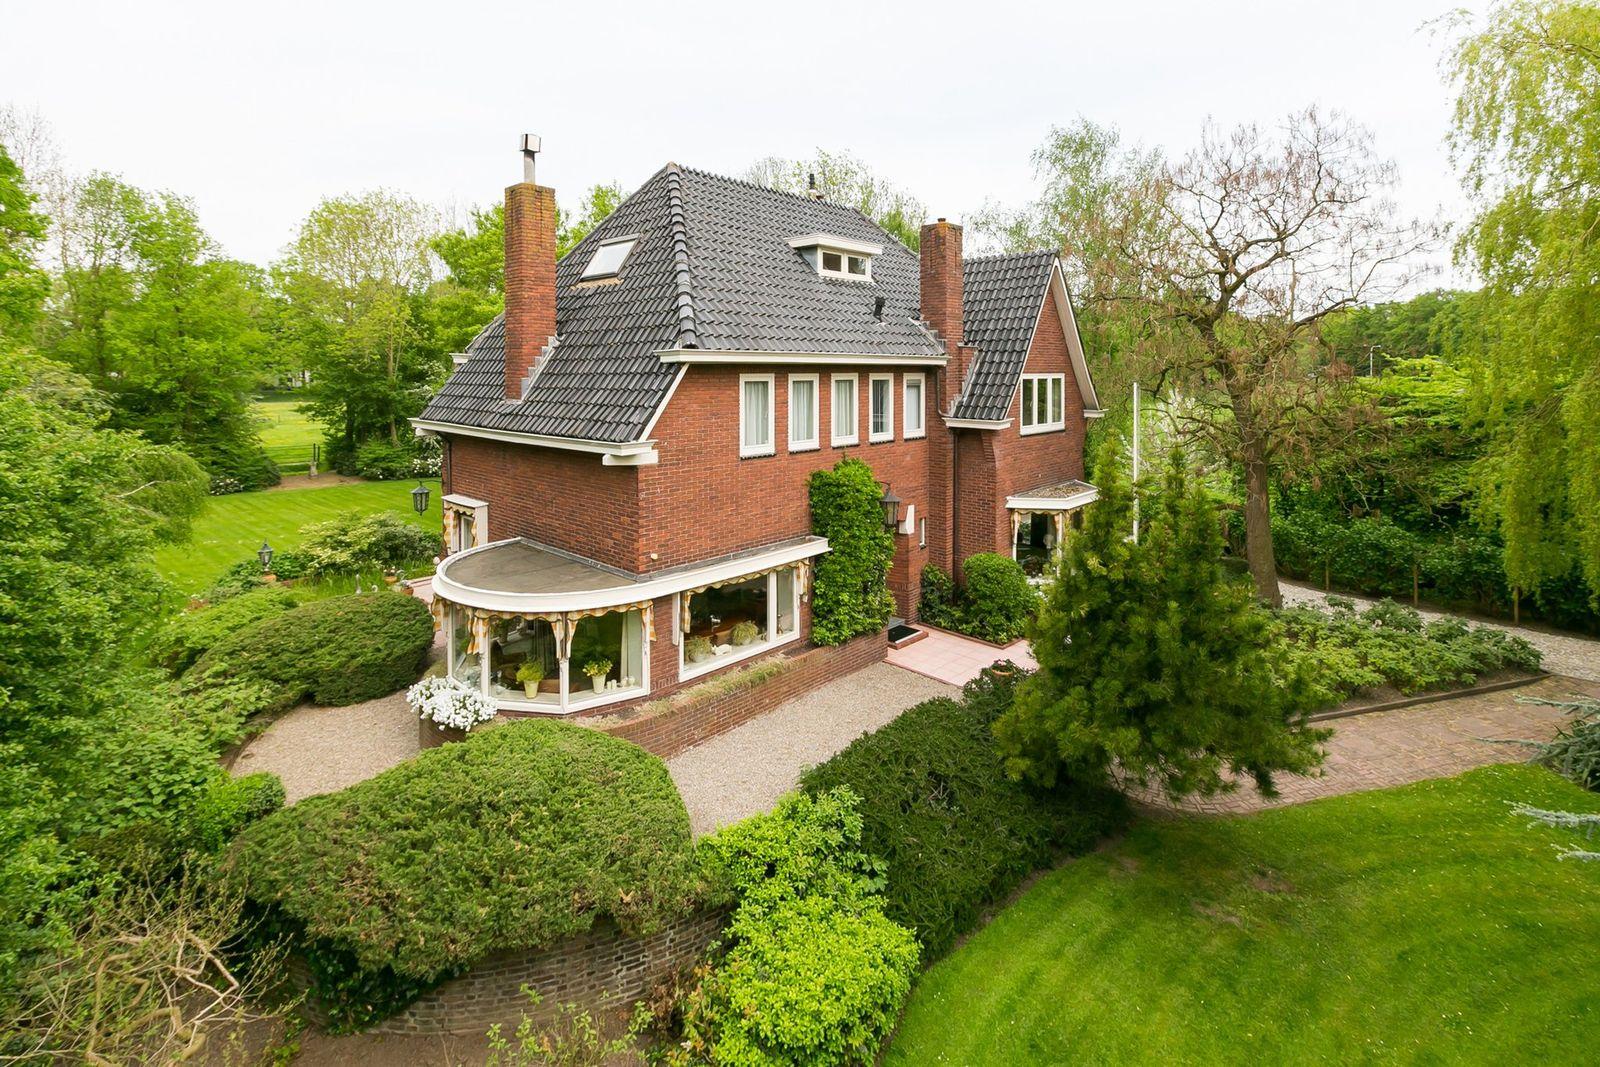 Spoolderbergweg 2, Zwolle